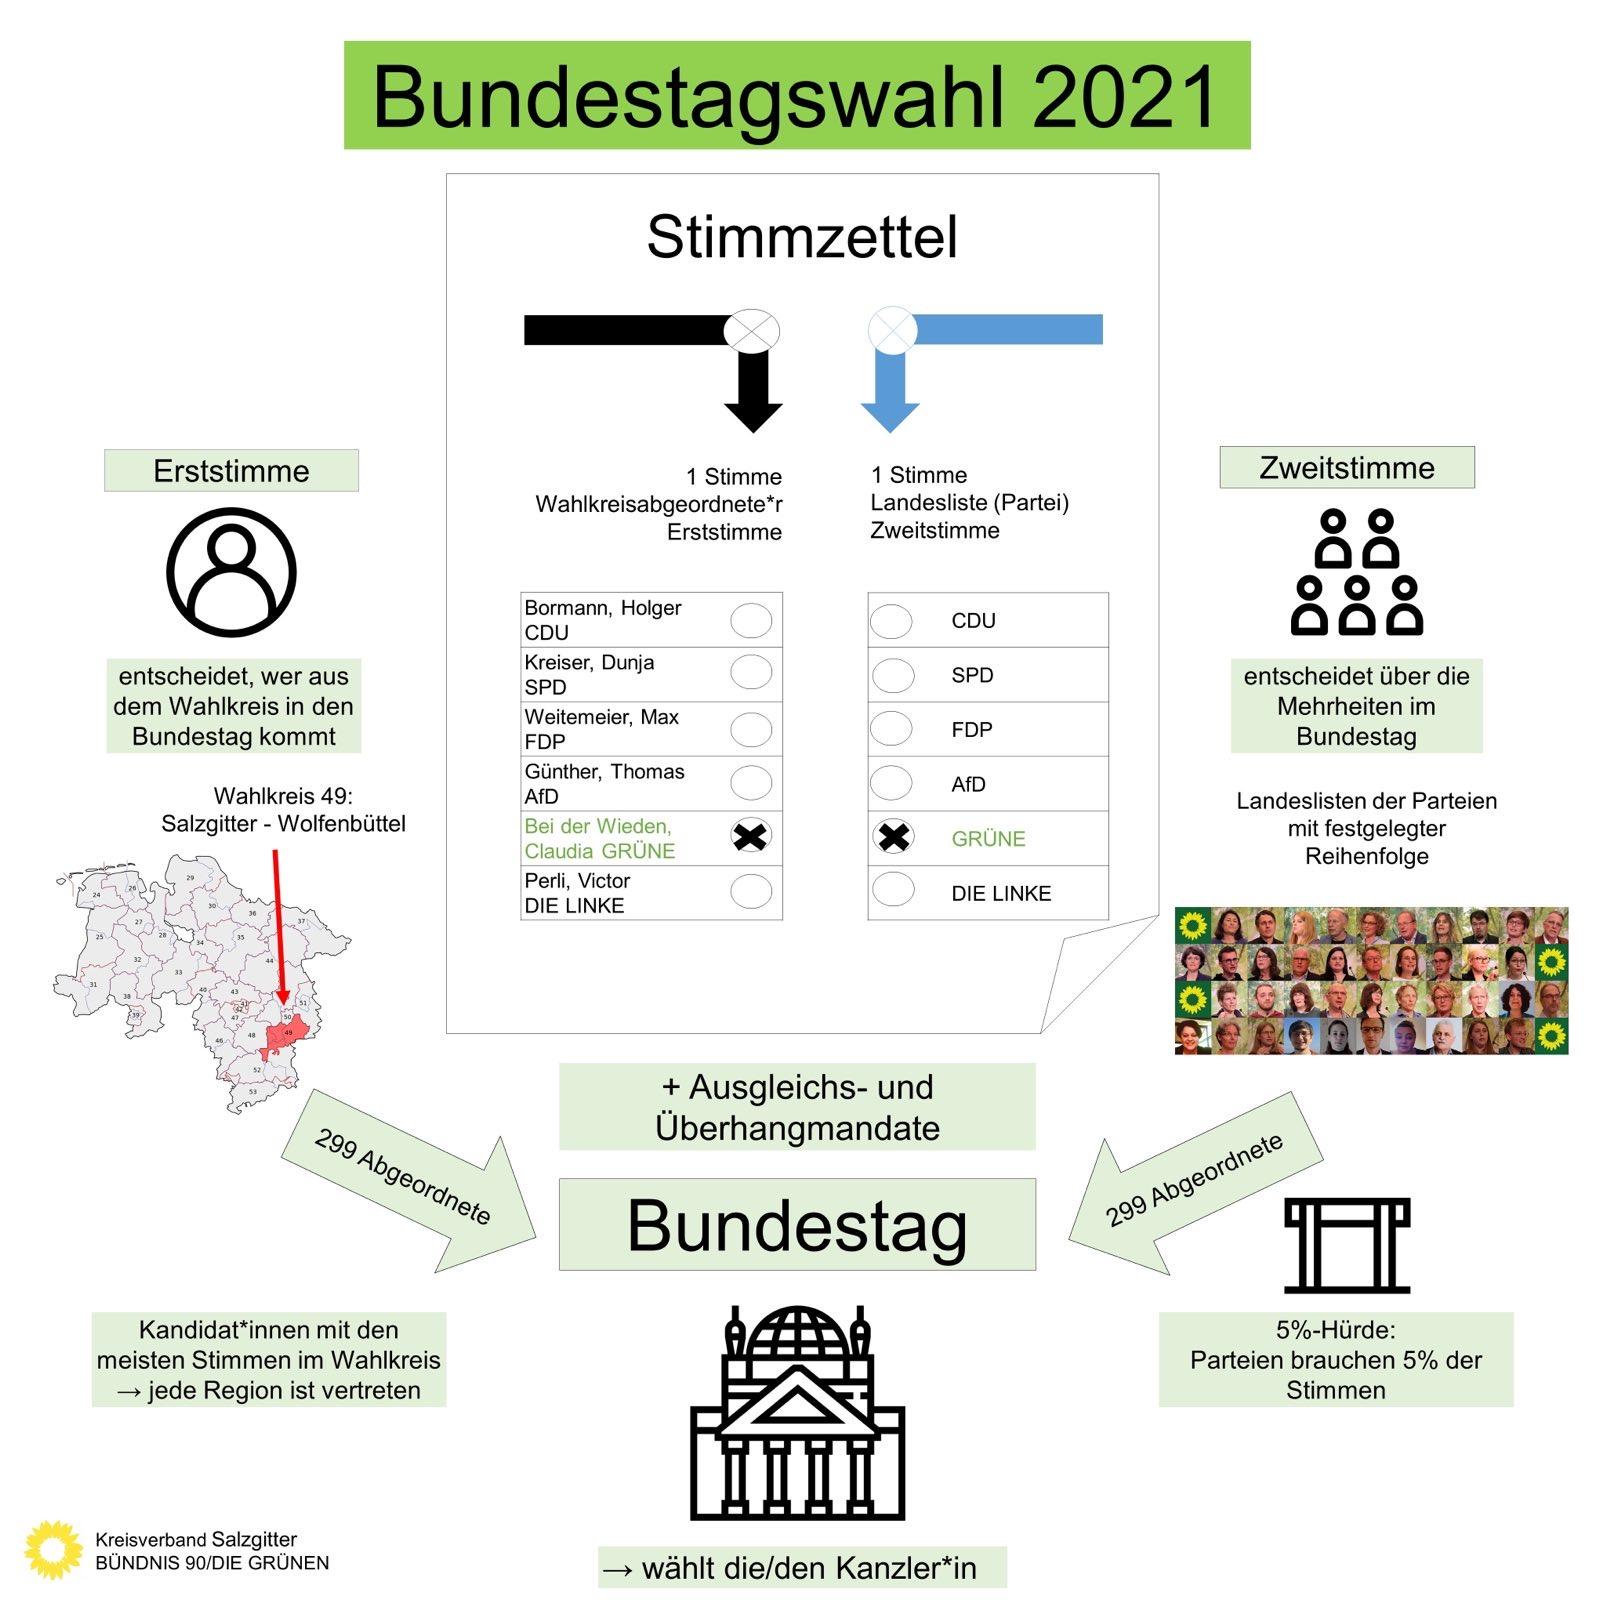 Sonntag ist Bundestagswahl 2021